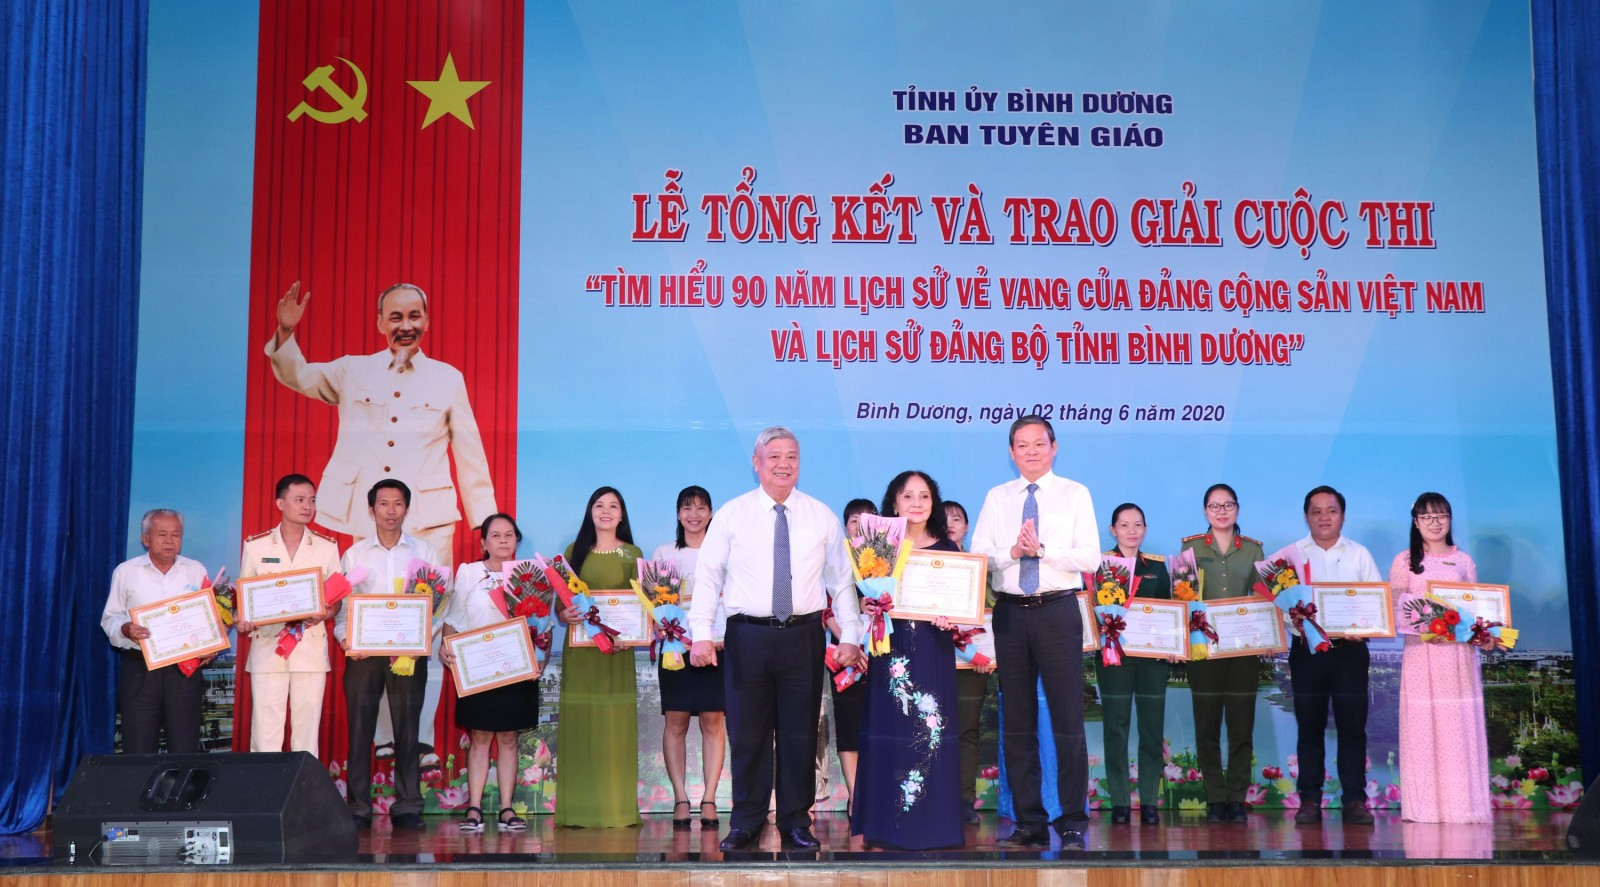 """Trao giải Cuộc thi """"Tìm hiểu 90 năm lịch sử vẻ vang của Đảng Cộng sản Việt Nam và Lịch sử Đảng bộ tỉnh Bình Dương"""""""